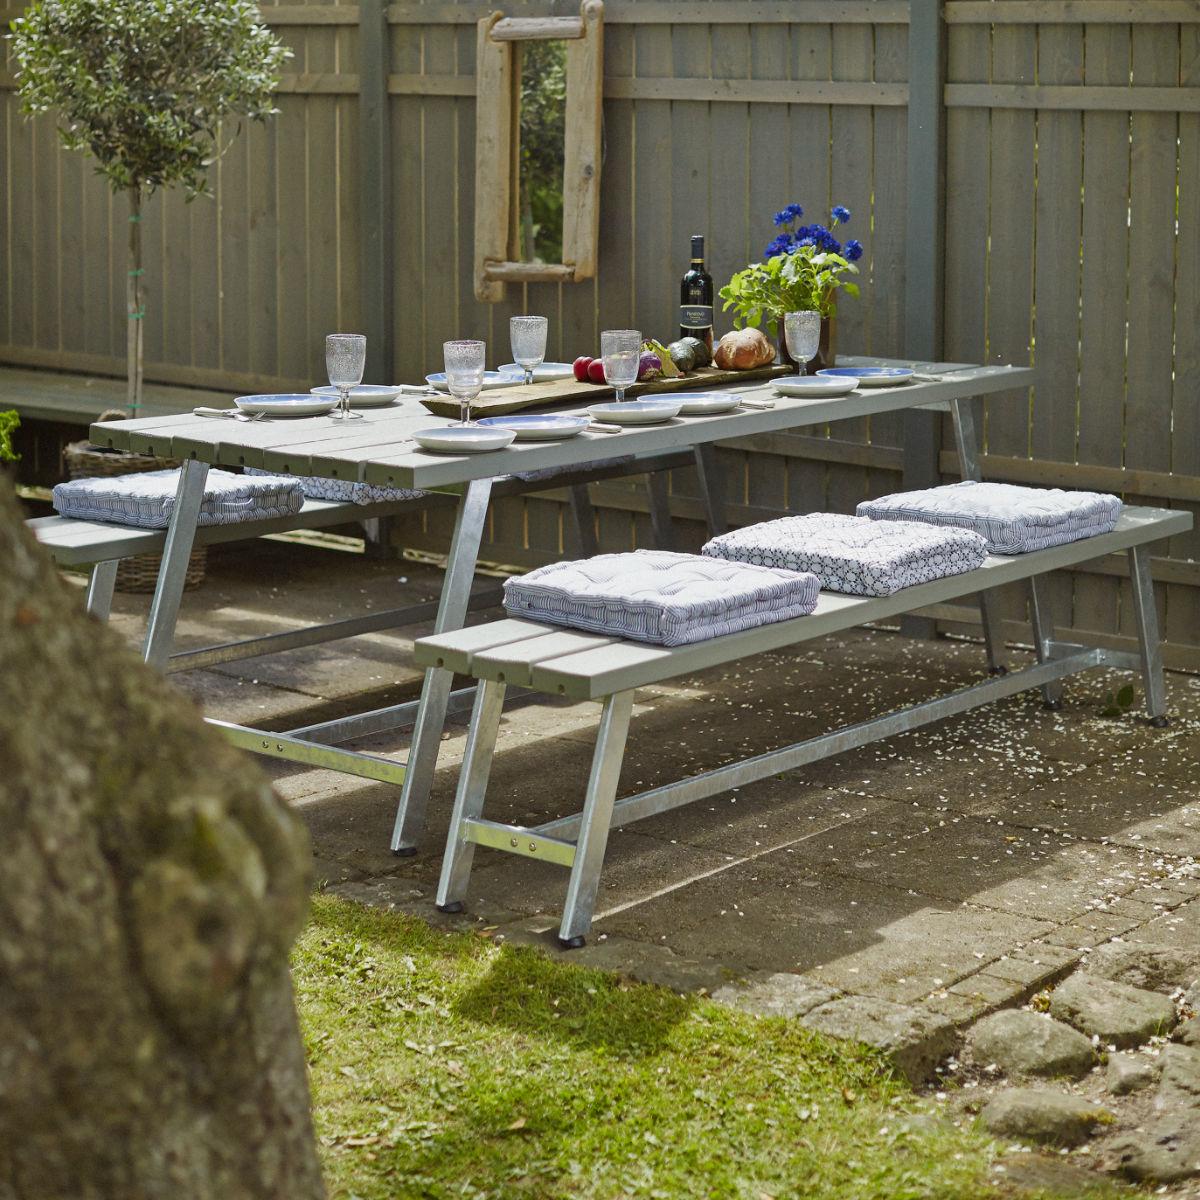 Café & Trädgårdsmöbler | Möbelgrupp Royal 207 cm